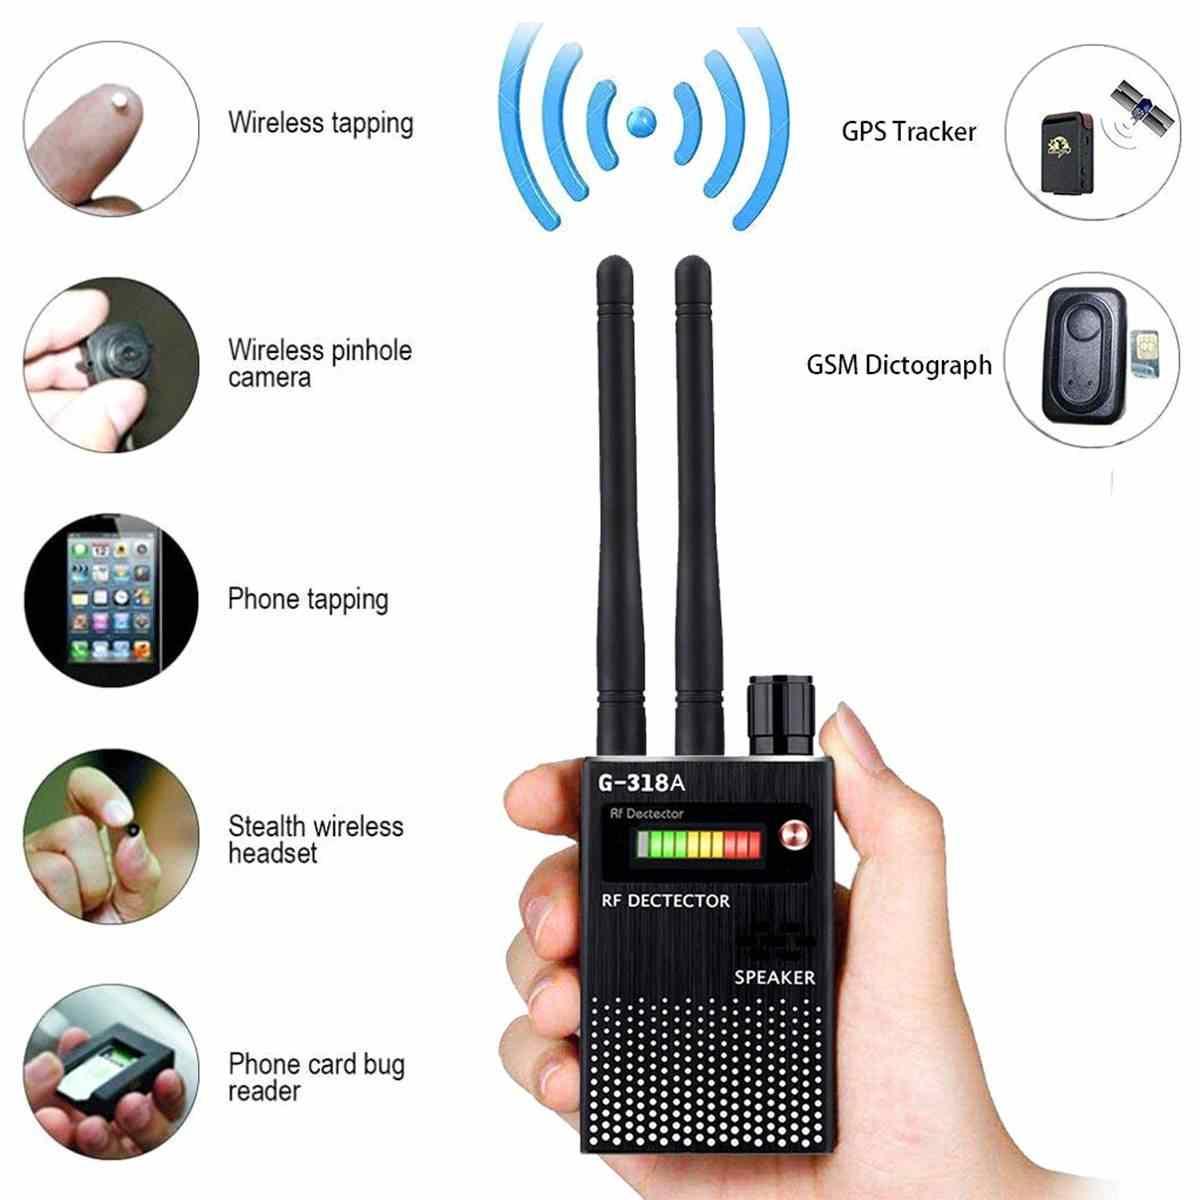 G318 أسود متعدد الوظائف لتحديد المواقع كاشف GSM الصوت علة مكتشف RF-المقتفي RF كاشف مكافحة التنصت مكافحة التجسس